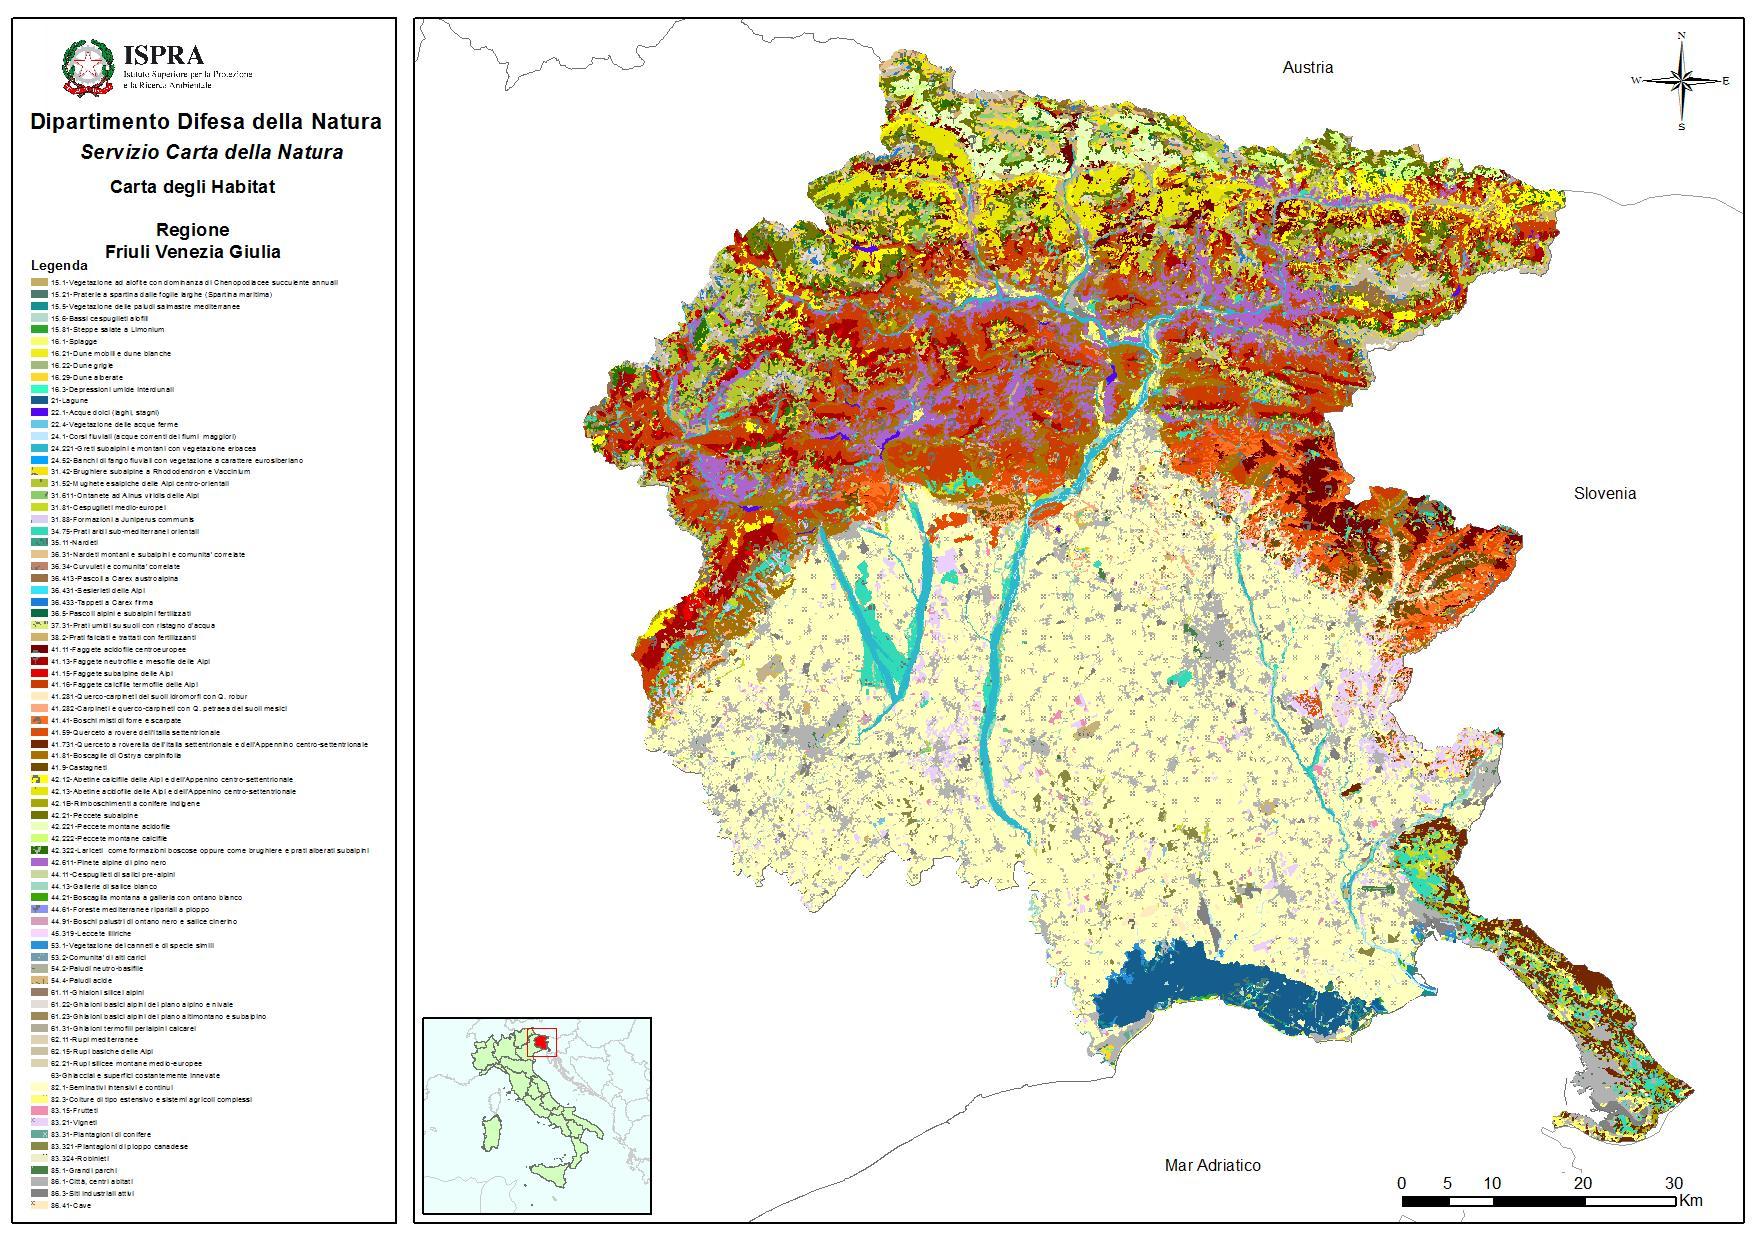 Regione Friuli Venezia Giulia Cartina.La Carta Della Natura Della Regione Friuli Venezia Giulia Italiano